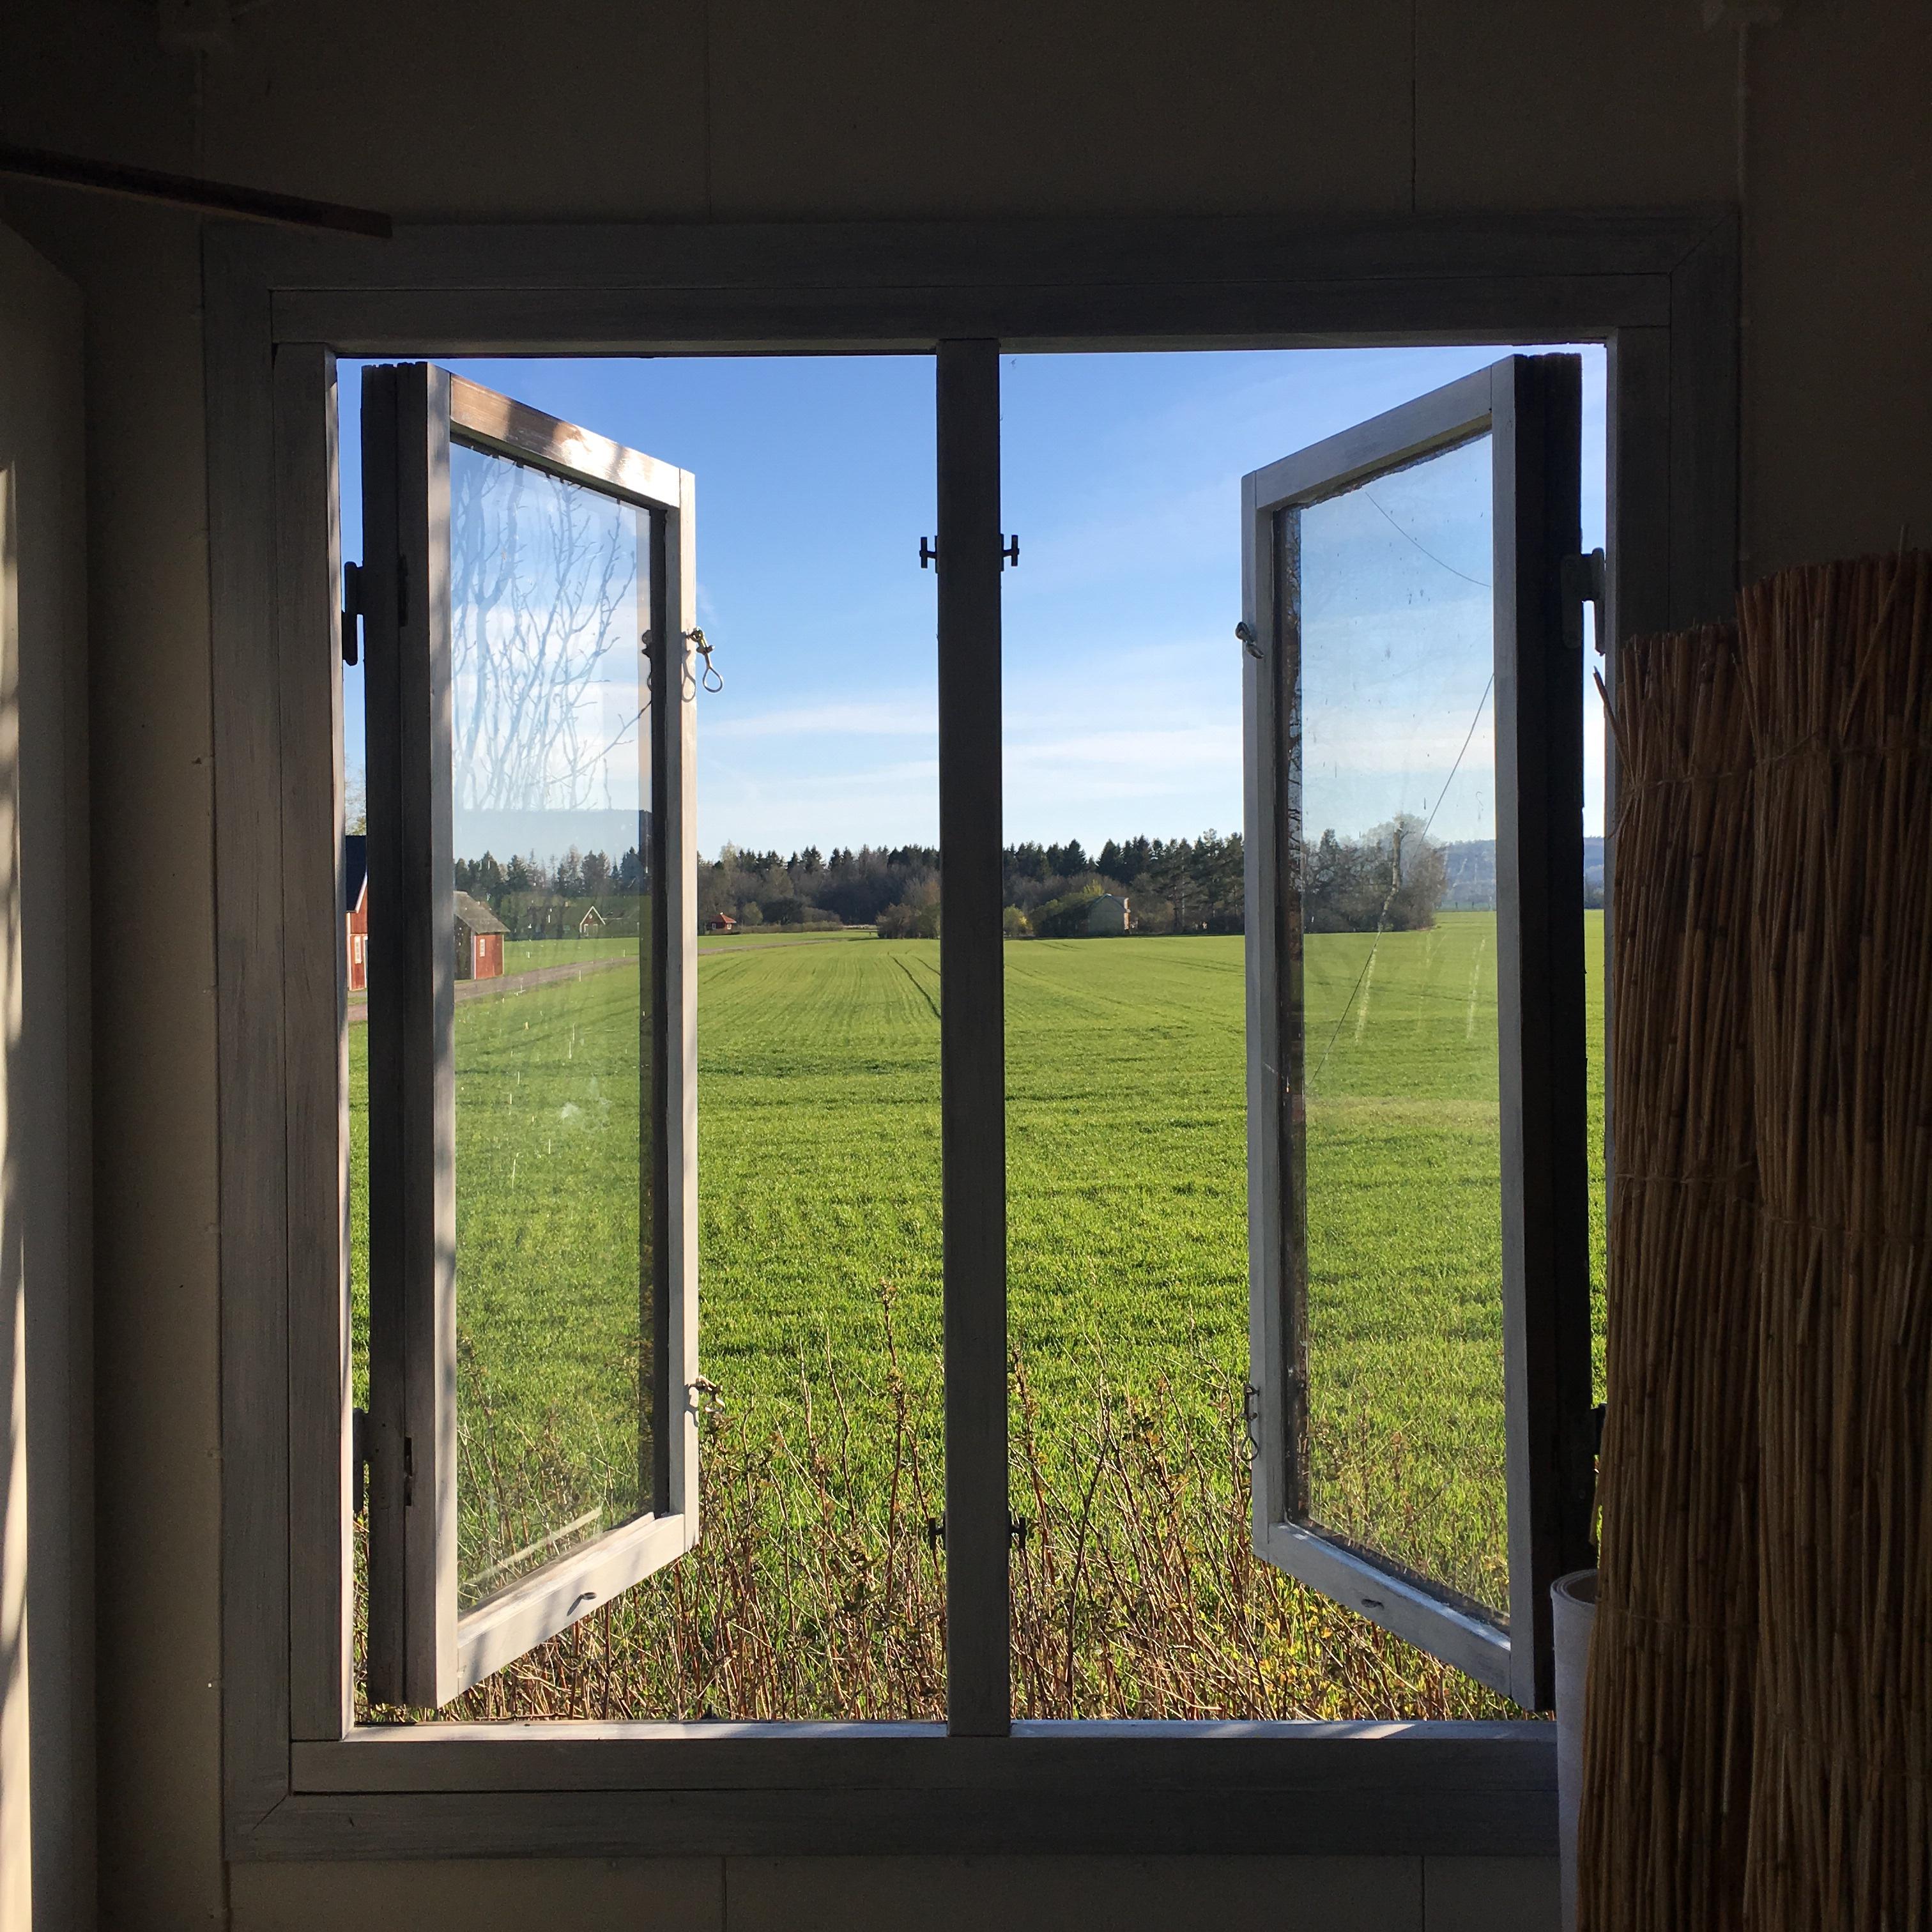 Öppet fönster